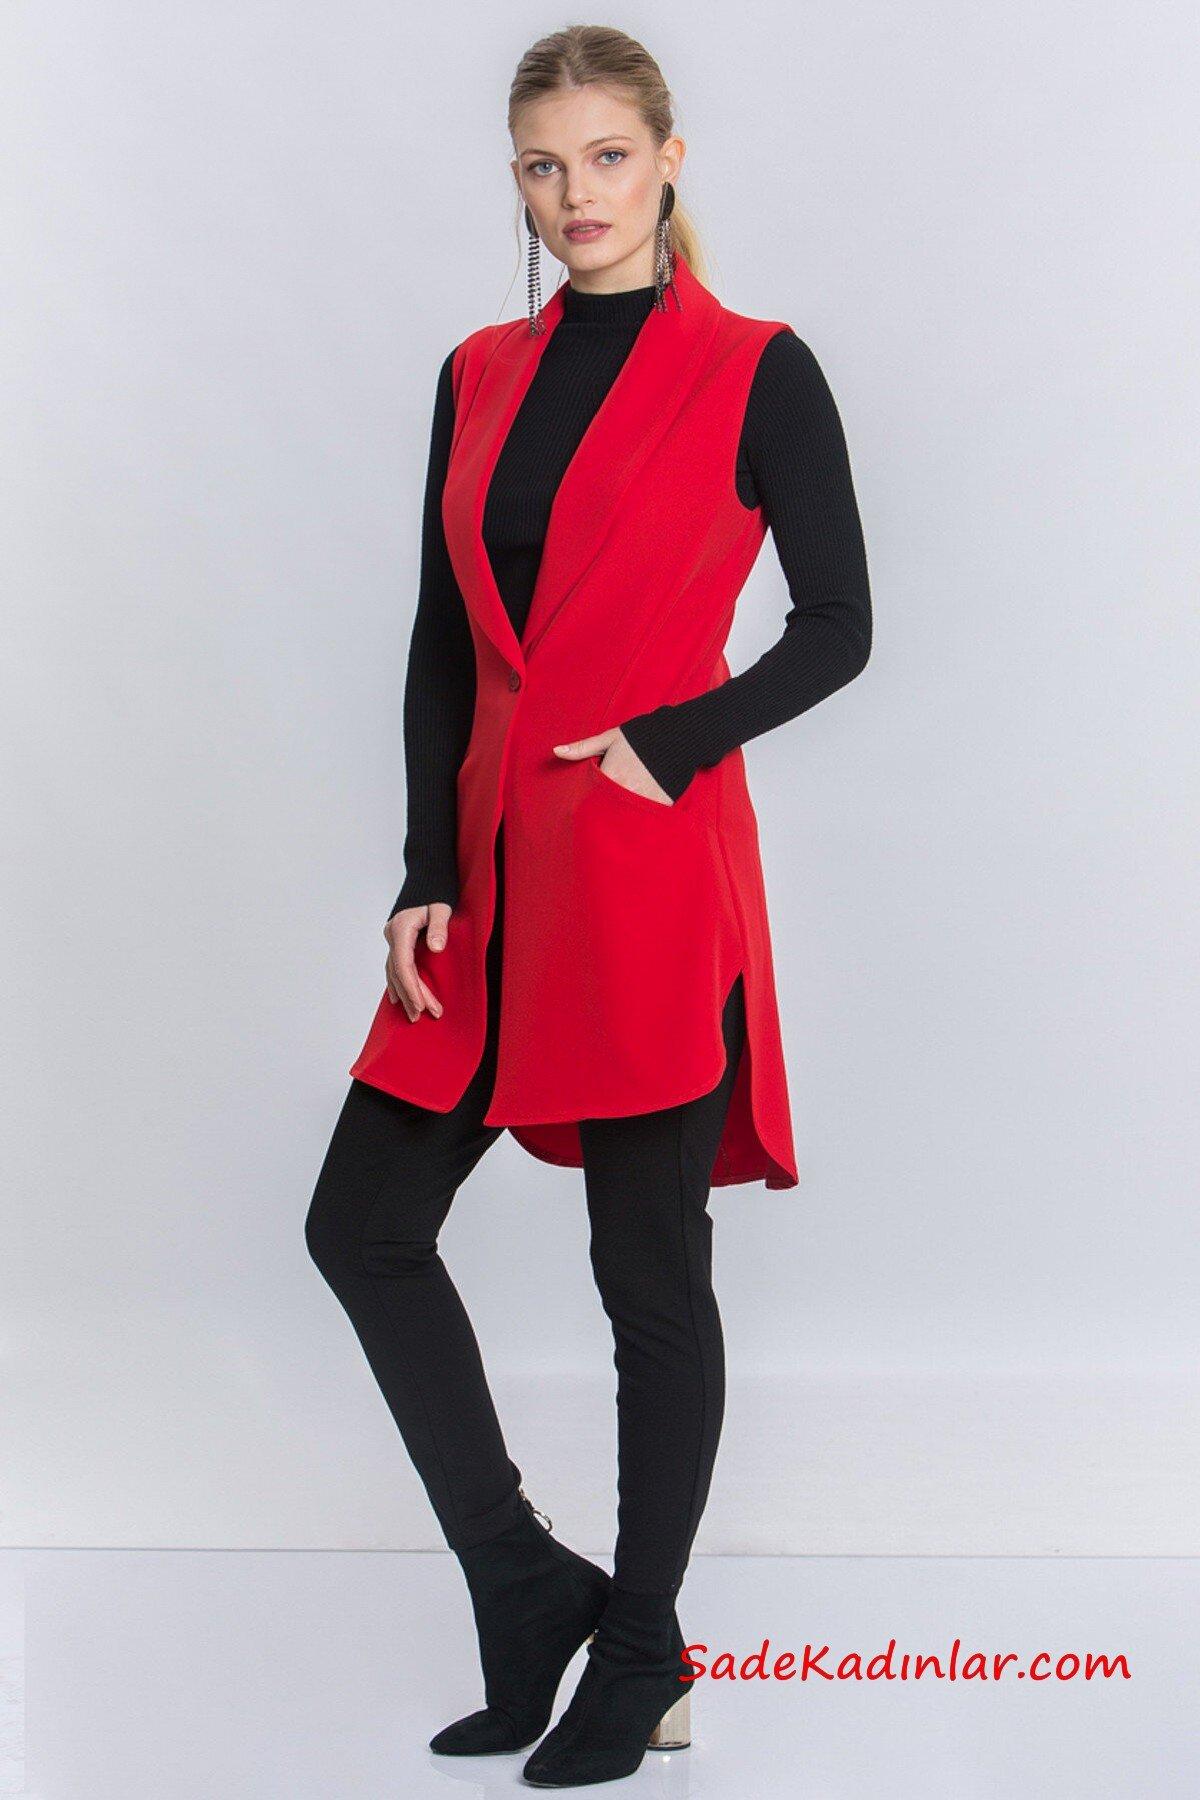 2019 Uzun Yelek Kombinleri Siyah Yüksel Bel Pantolon Siyah KAzak Kırmızı Cepli Yelek Siyah Topuklu Bot